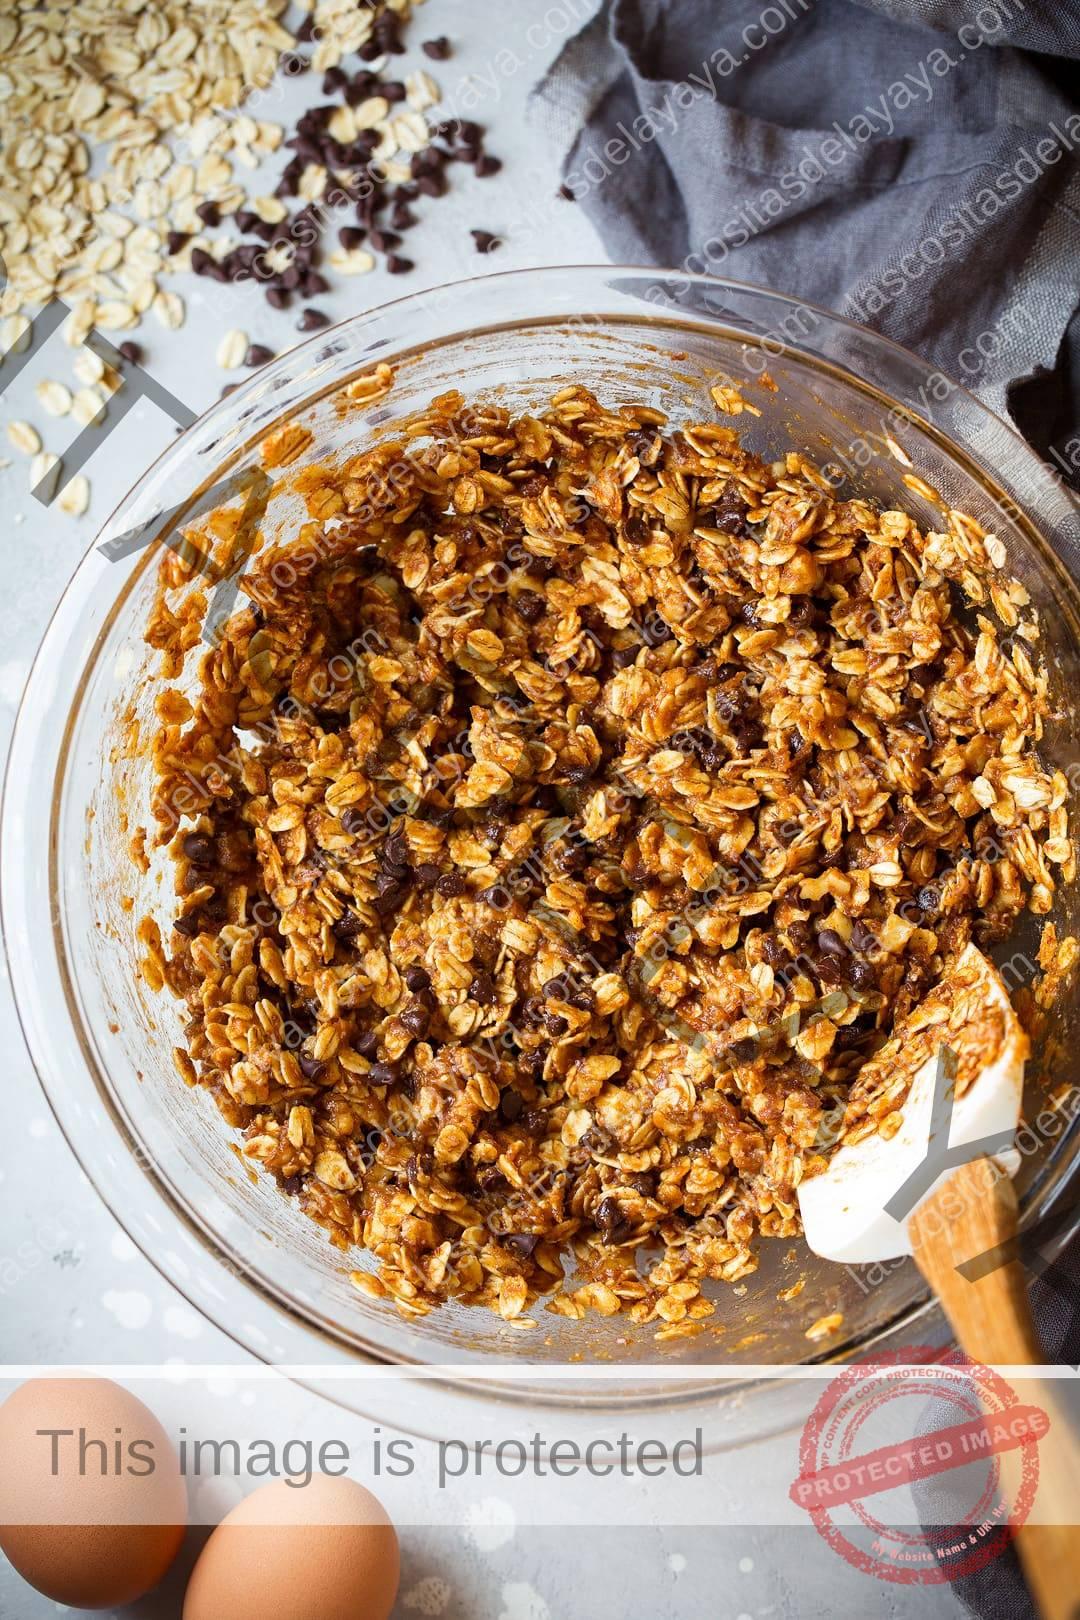 Batir las galletas de desayuno en un bol con avena, calabaza y chispas de chocolate.